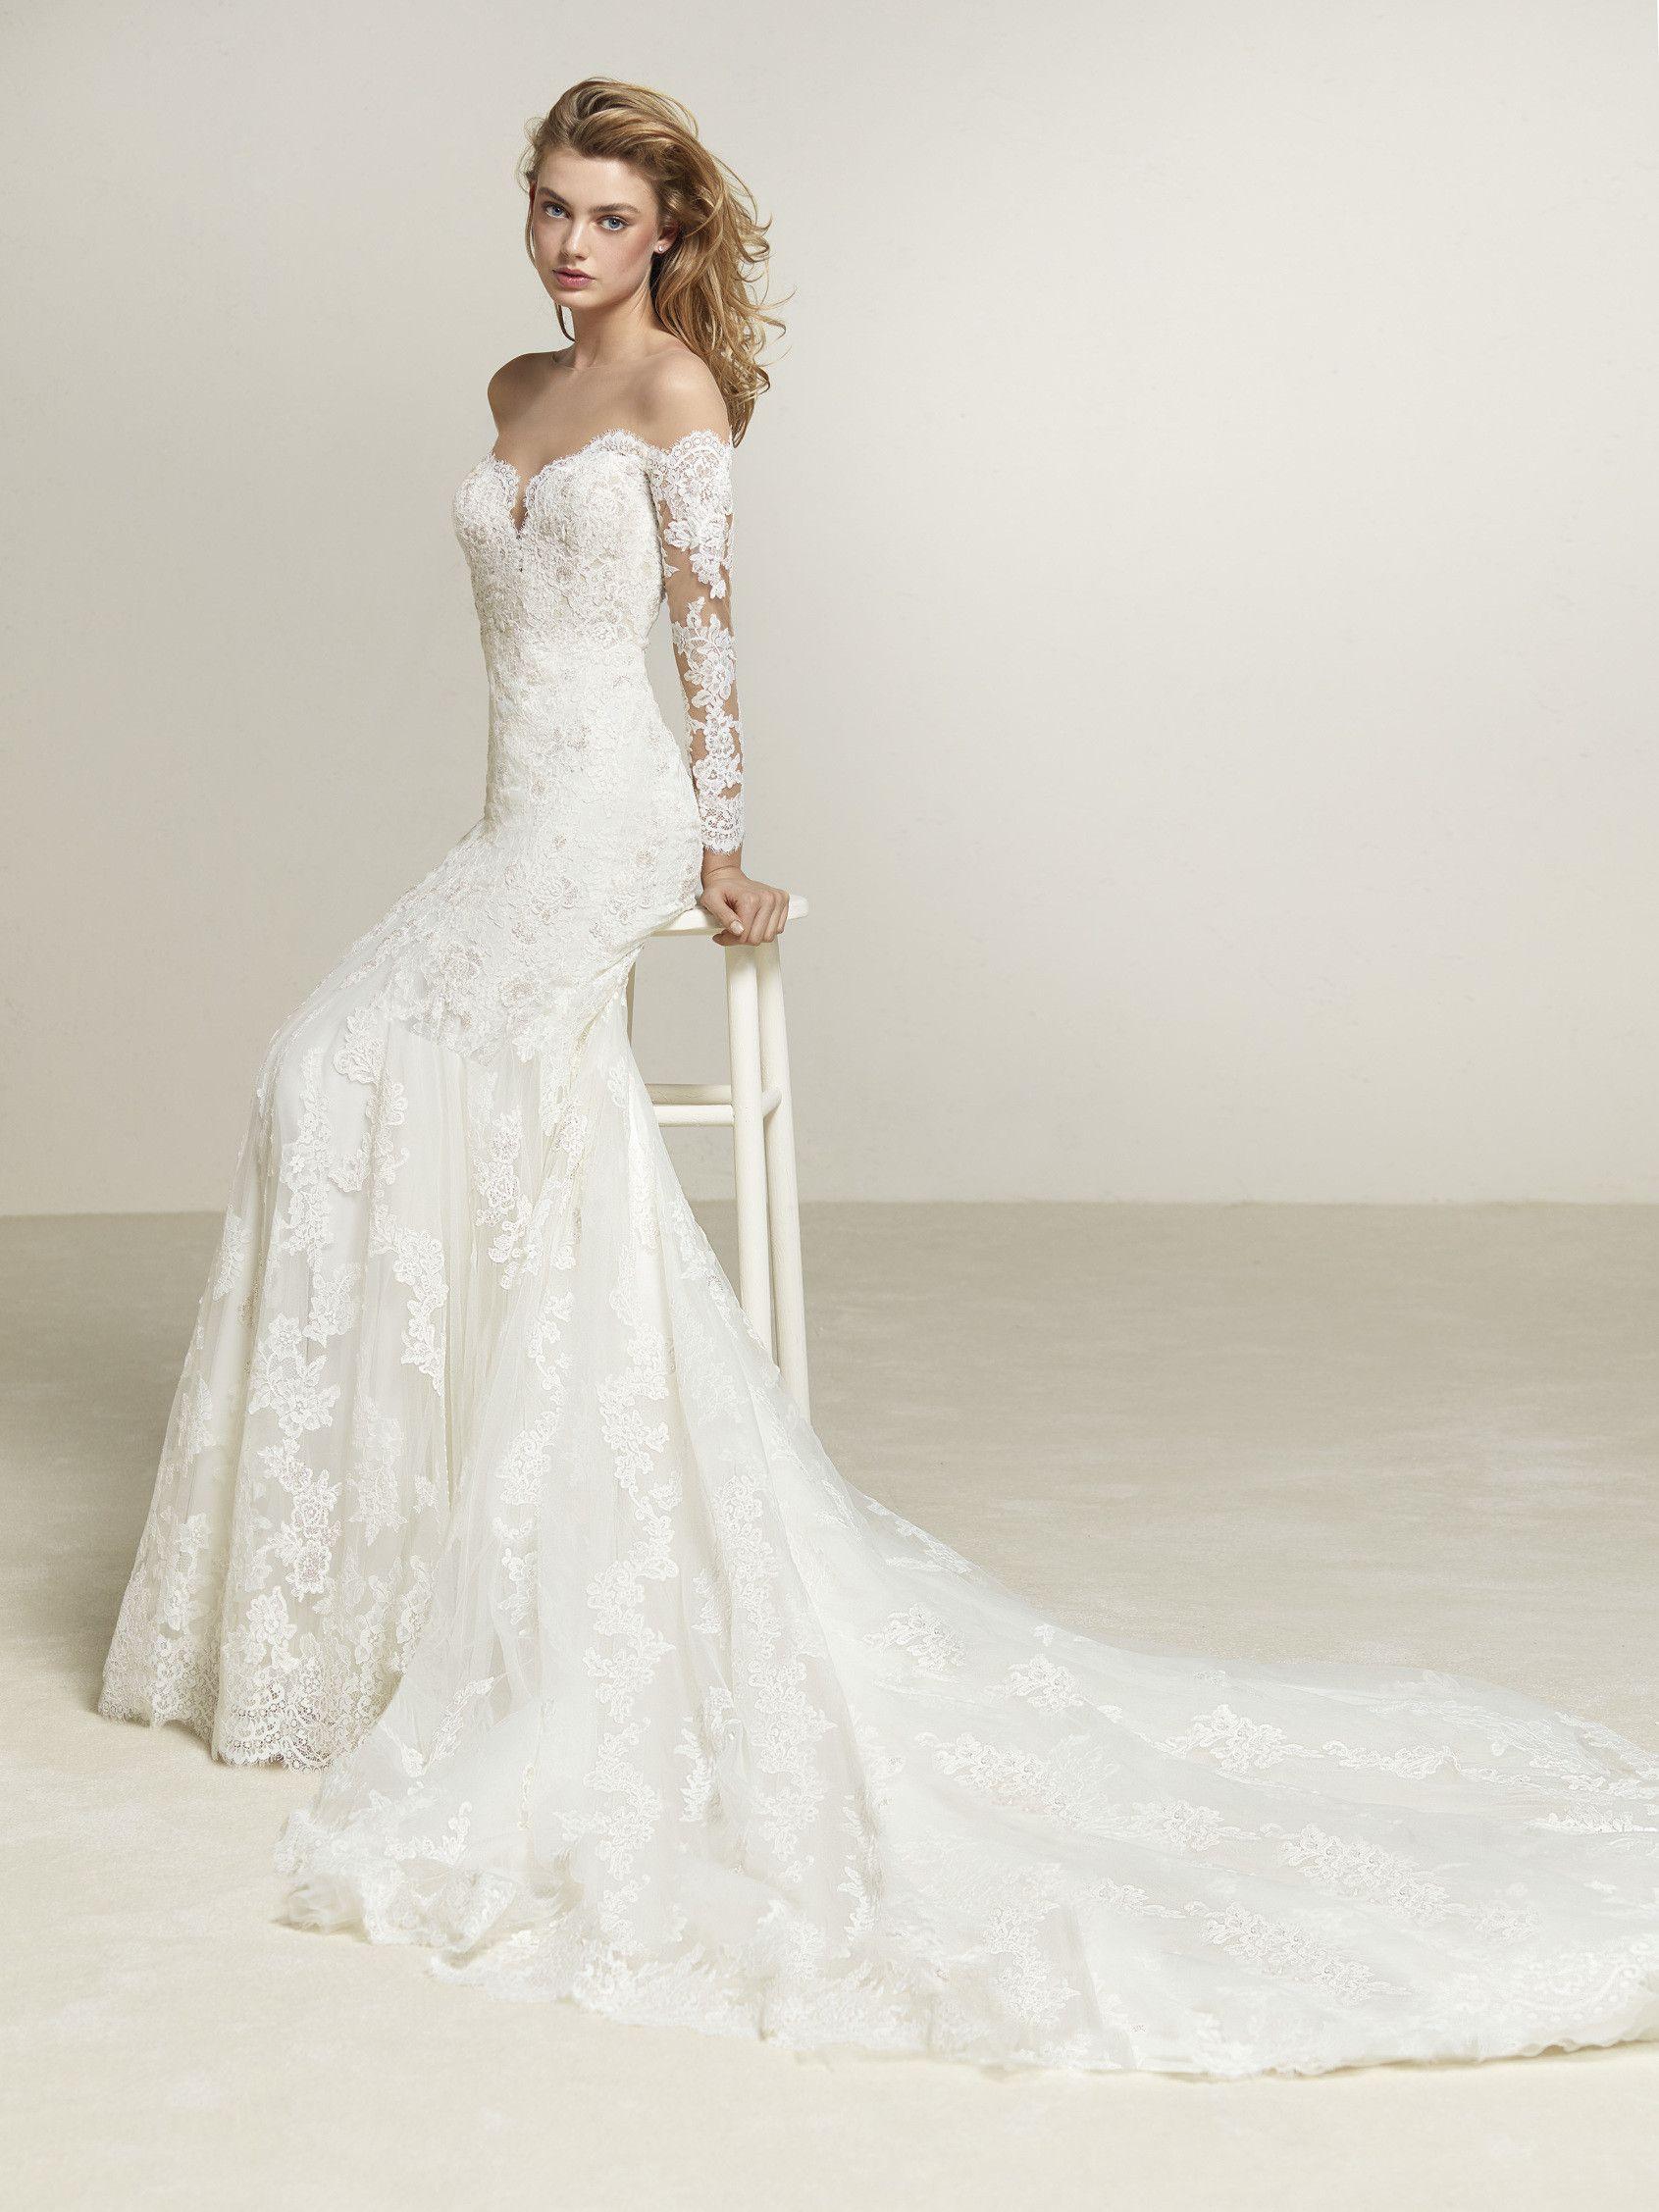 Vestido de novia tul encaje y brillo | VESTIDOS NOVIA | Vestidos de ...